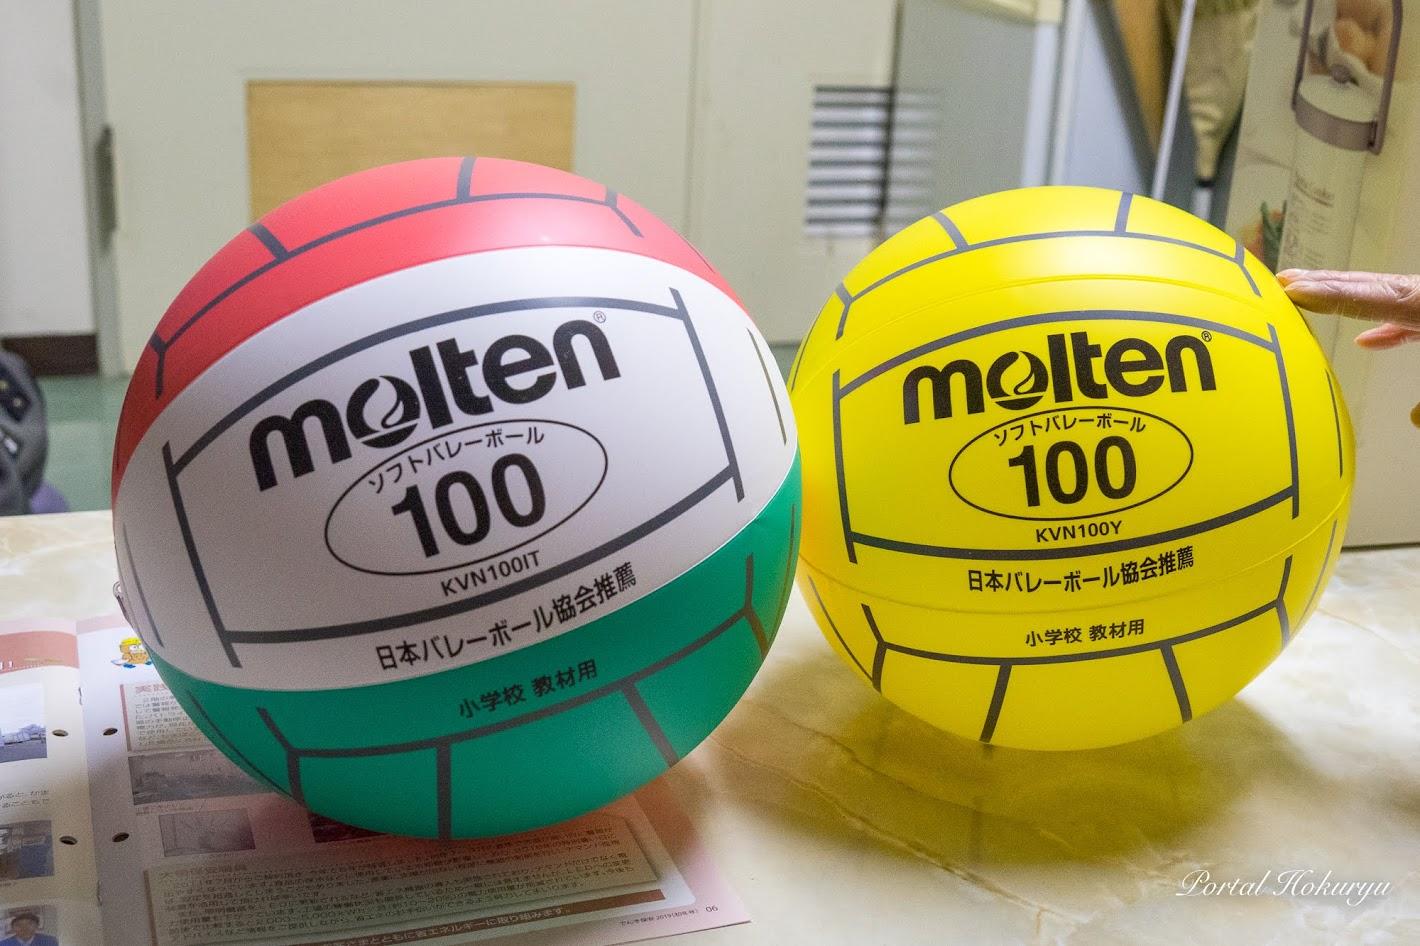 ミニバレーに使われるソフトバレーボール